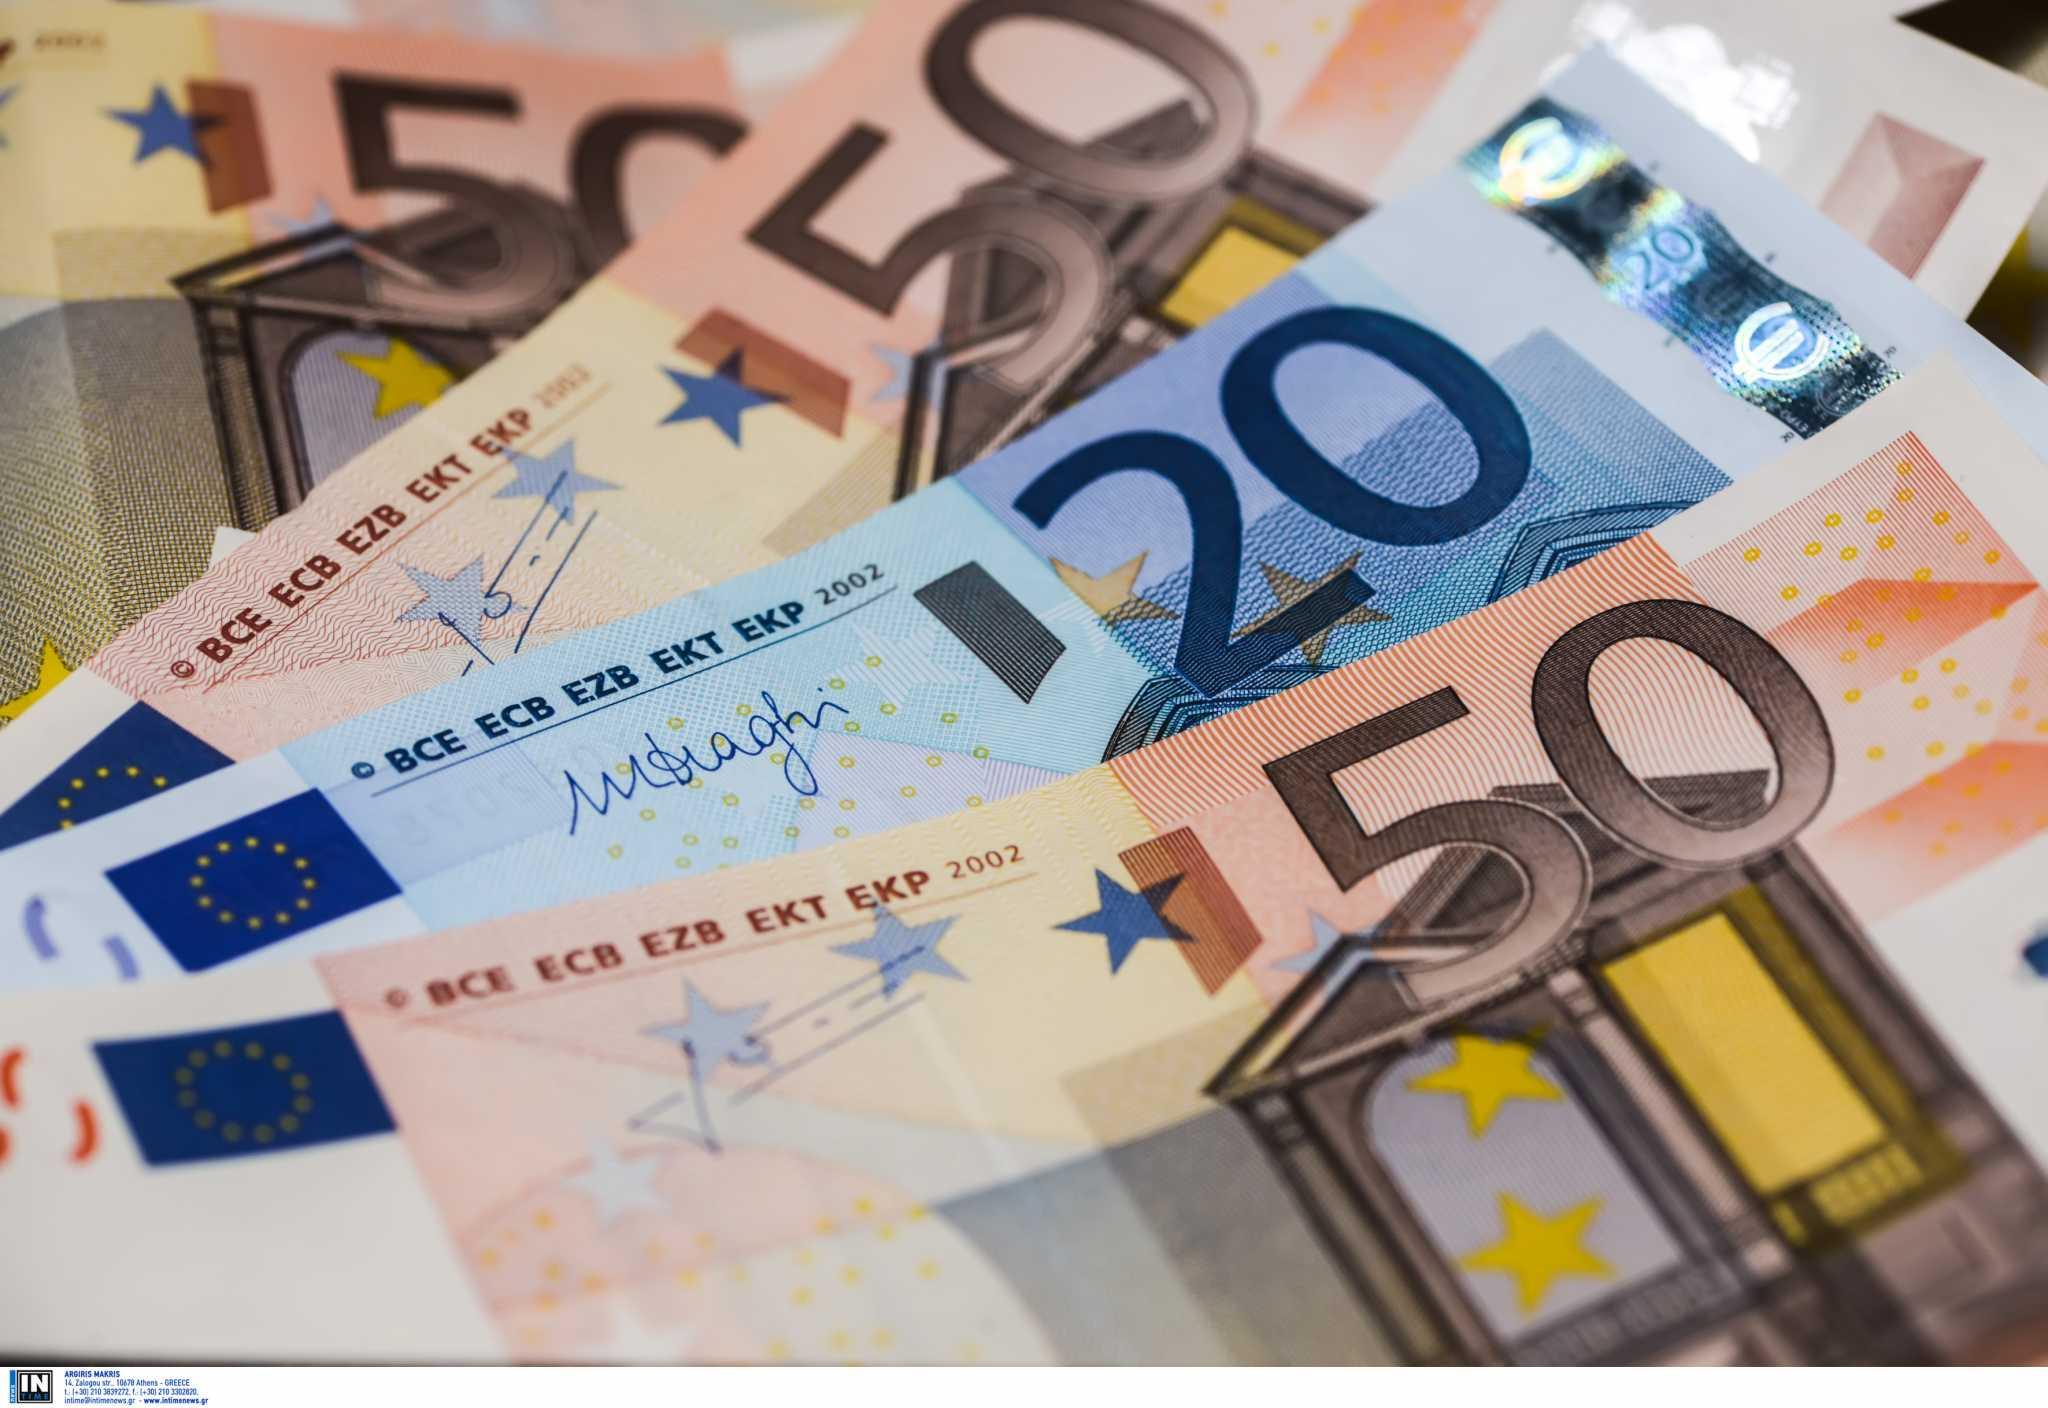 Θεσσαλονίκη: Τους πίστεψαν και τώρα «κλαίνε» 9.500 ευρώ – Σπείρα που δεν έκανε λάθη